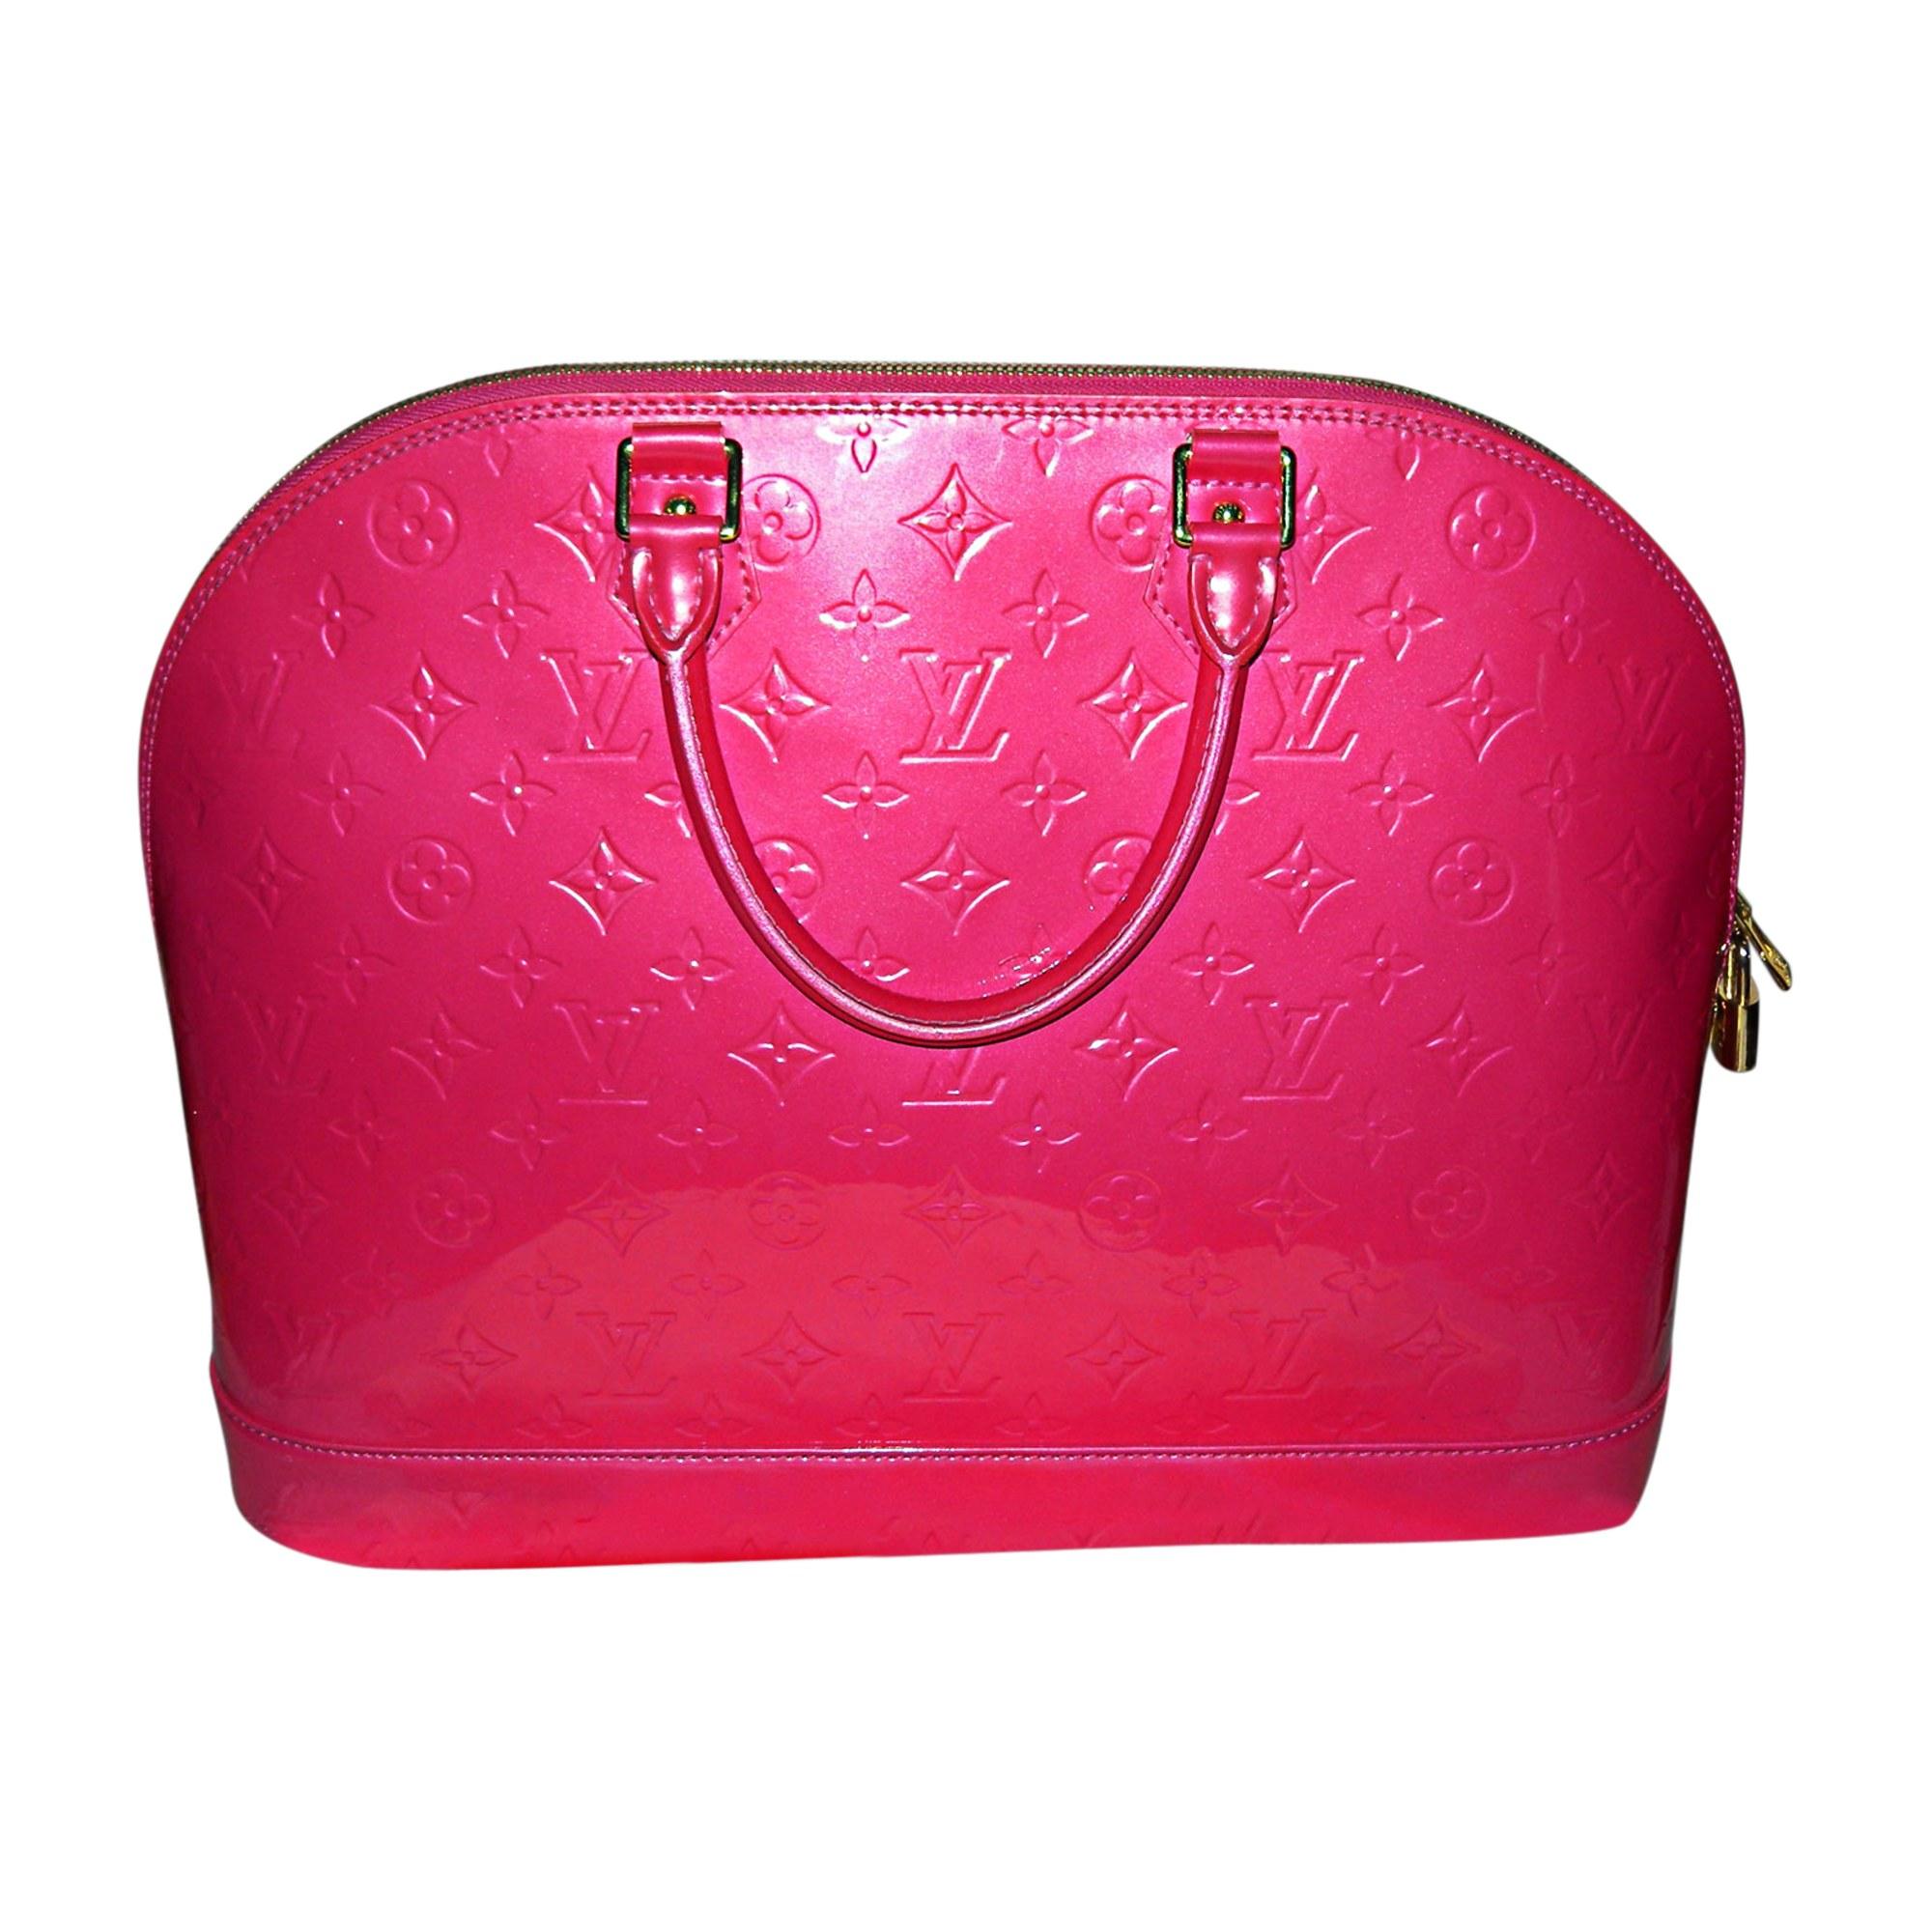 Sac à main en cuir LOUIS VUITTON alma rose vendu par Sandy28400 ... bfaaa324921e